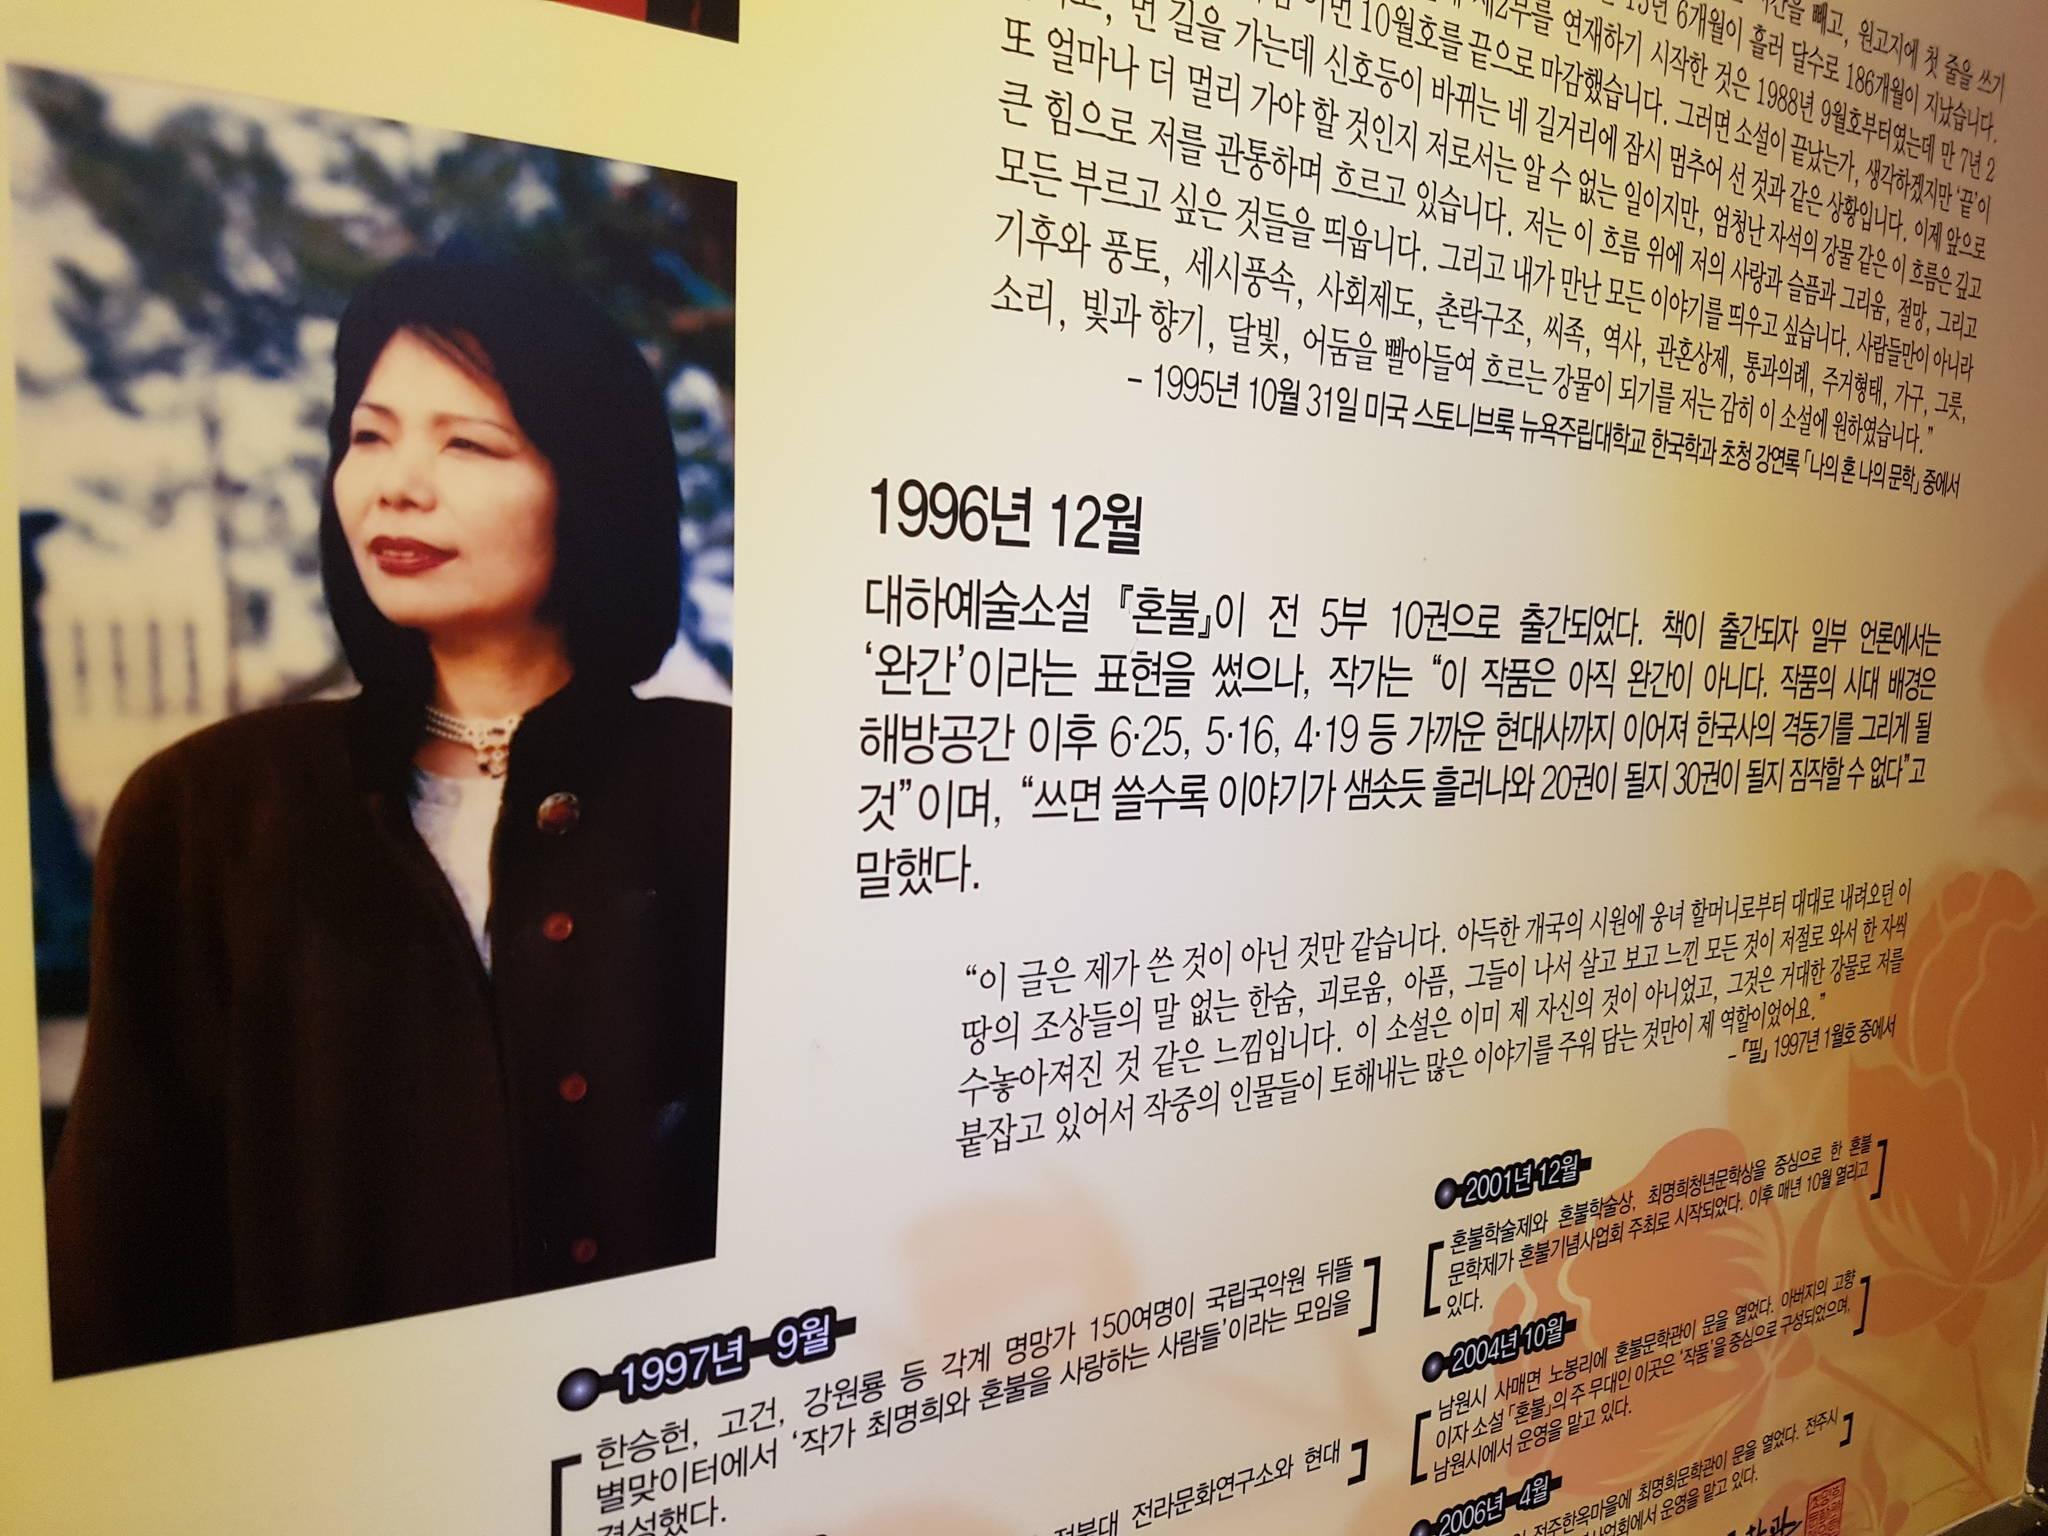 최명희문학관 전시실 내부 모습. 전주=김준희 기자